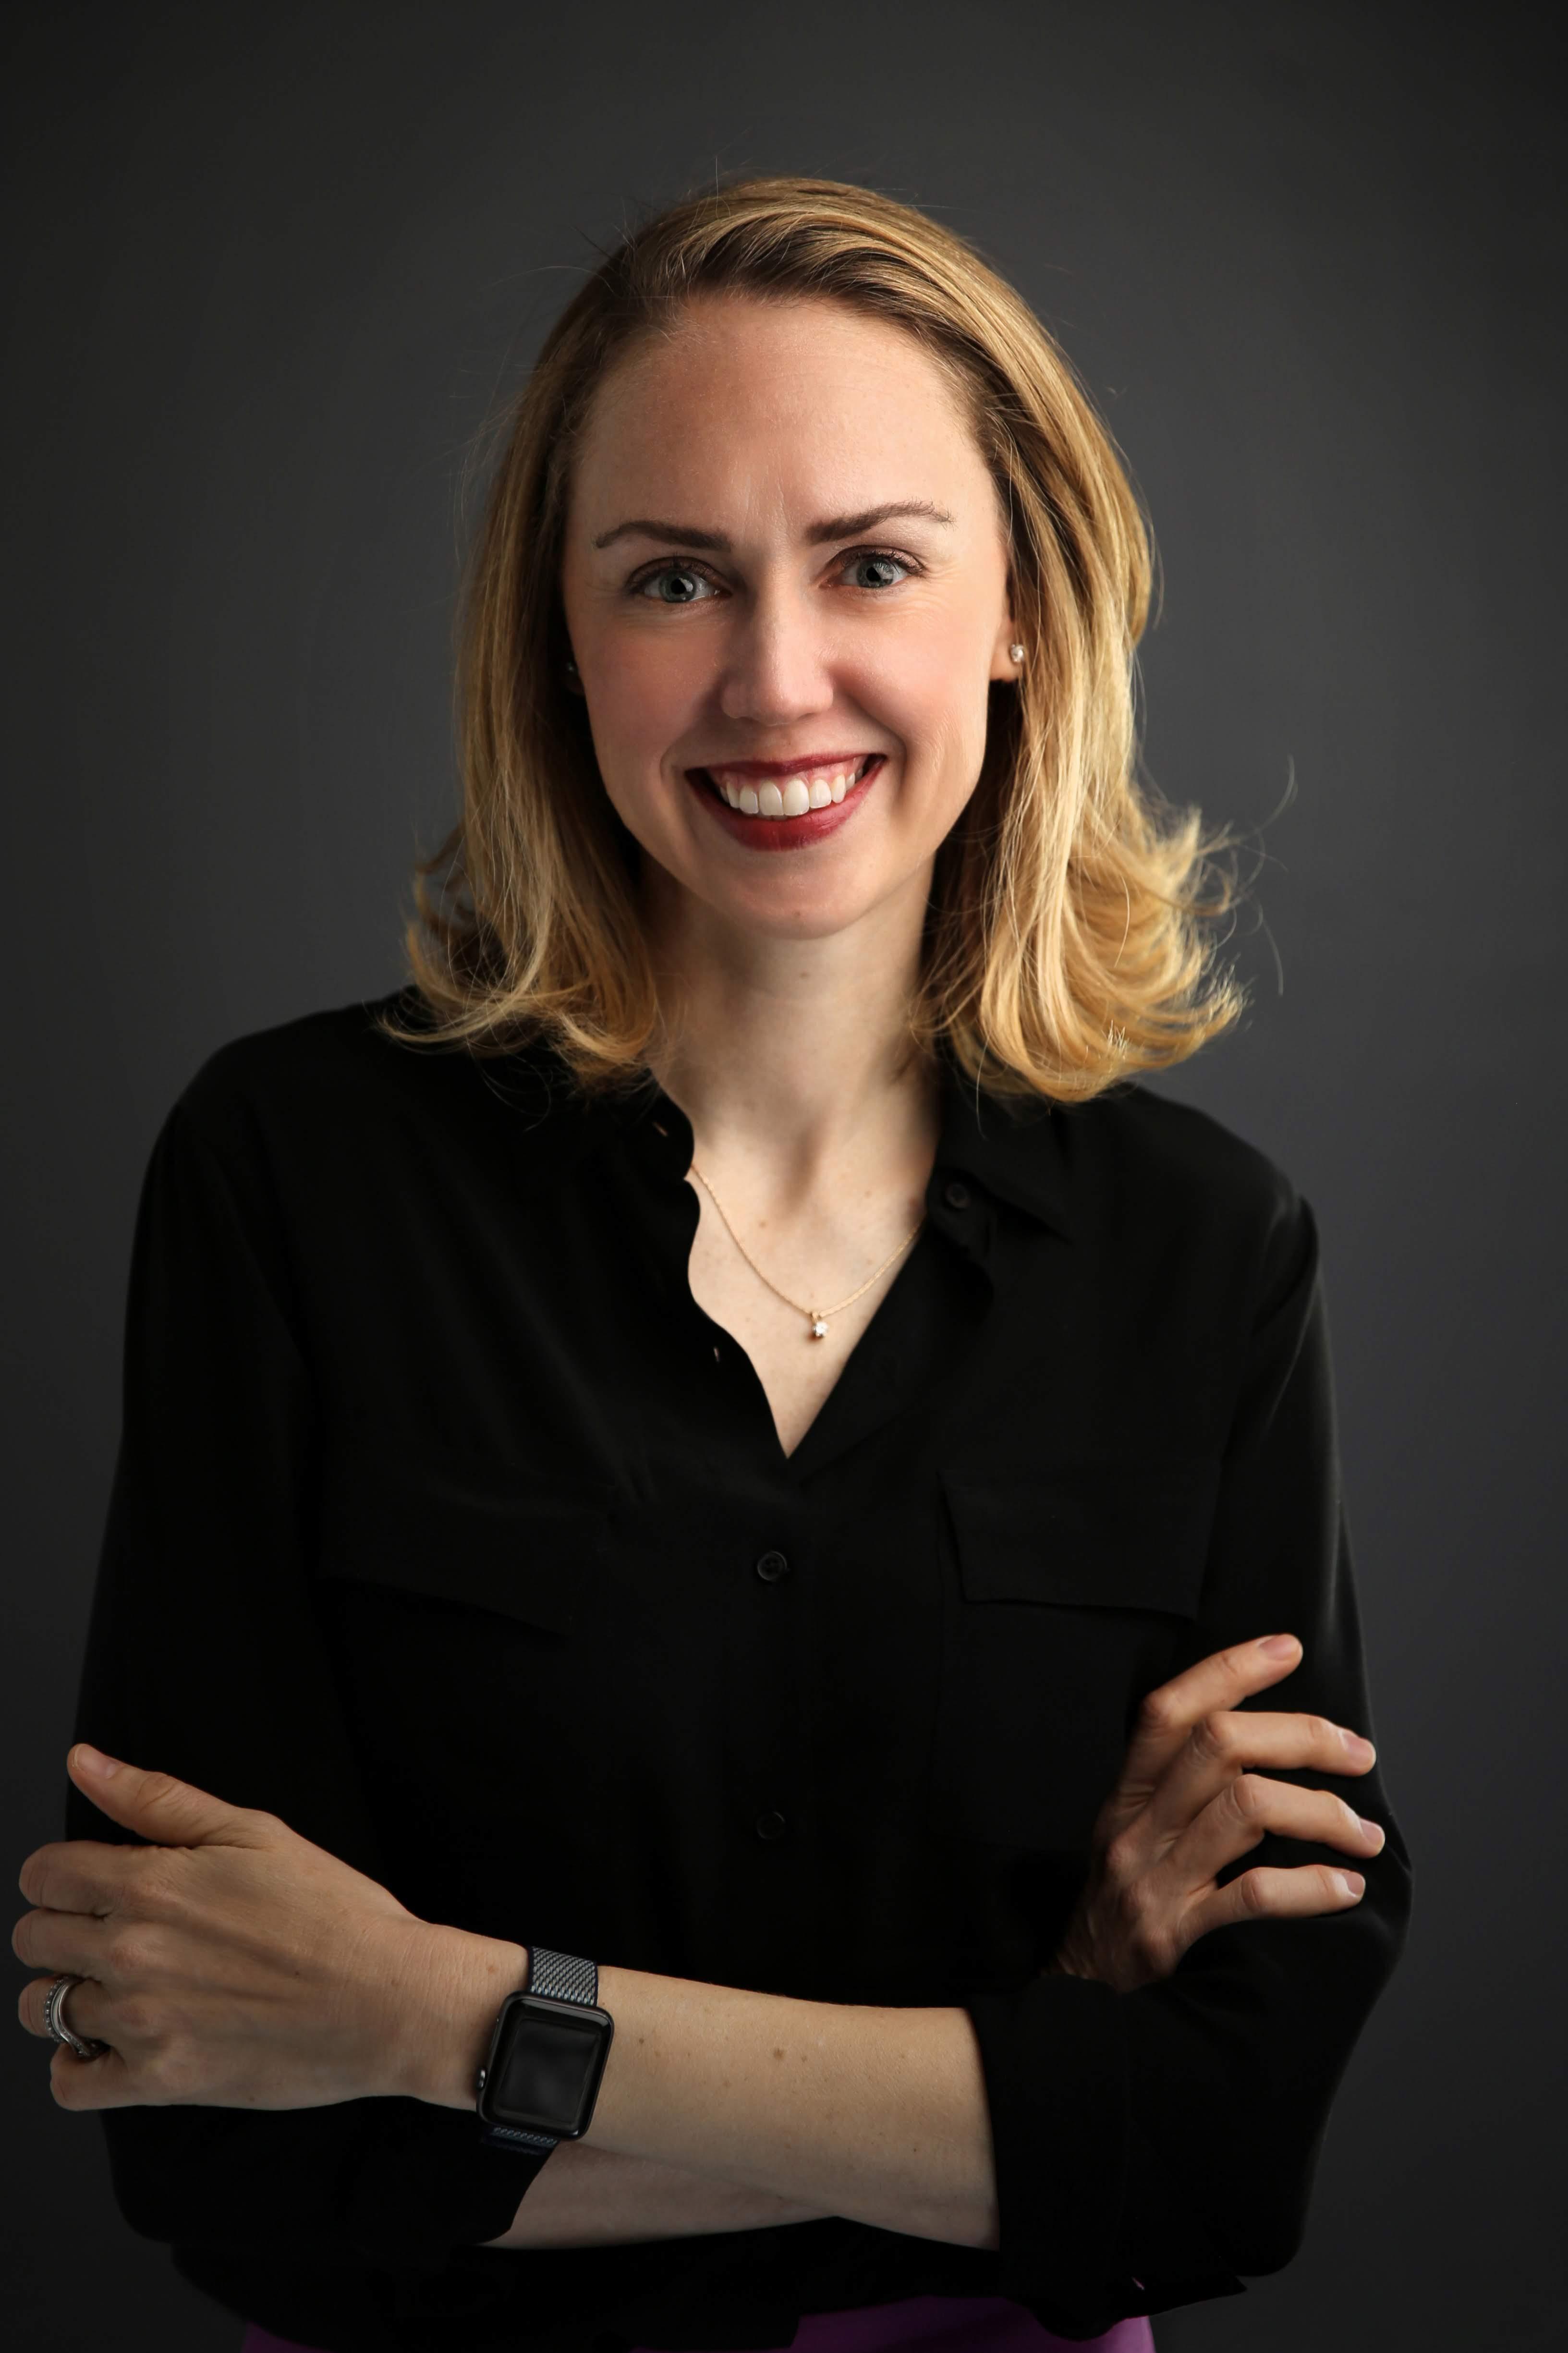 Dominique Essig Photo